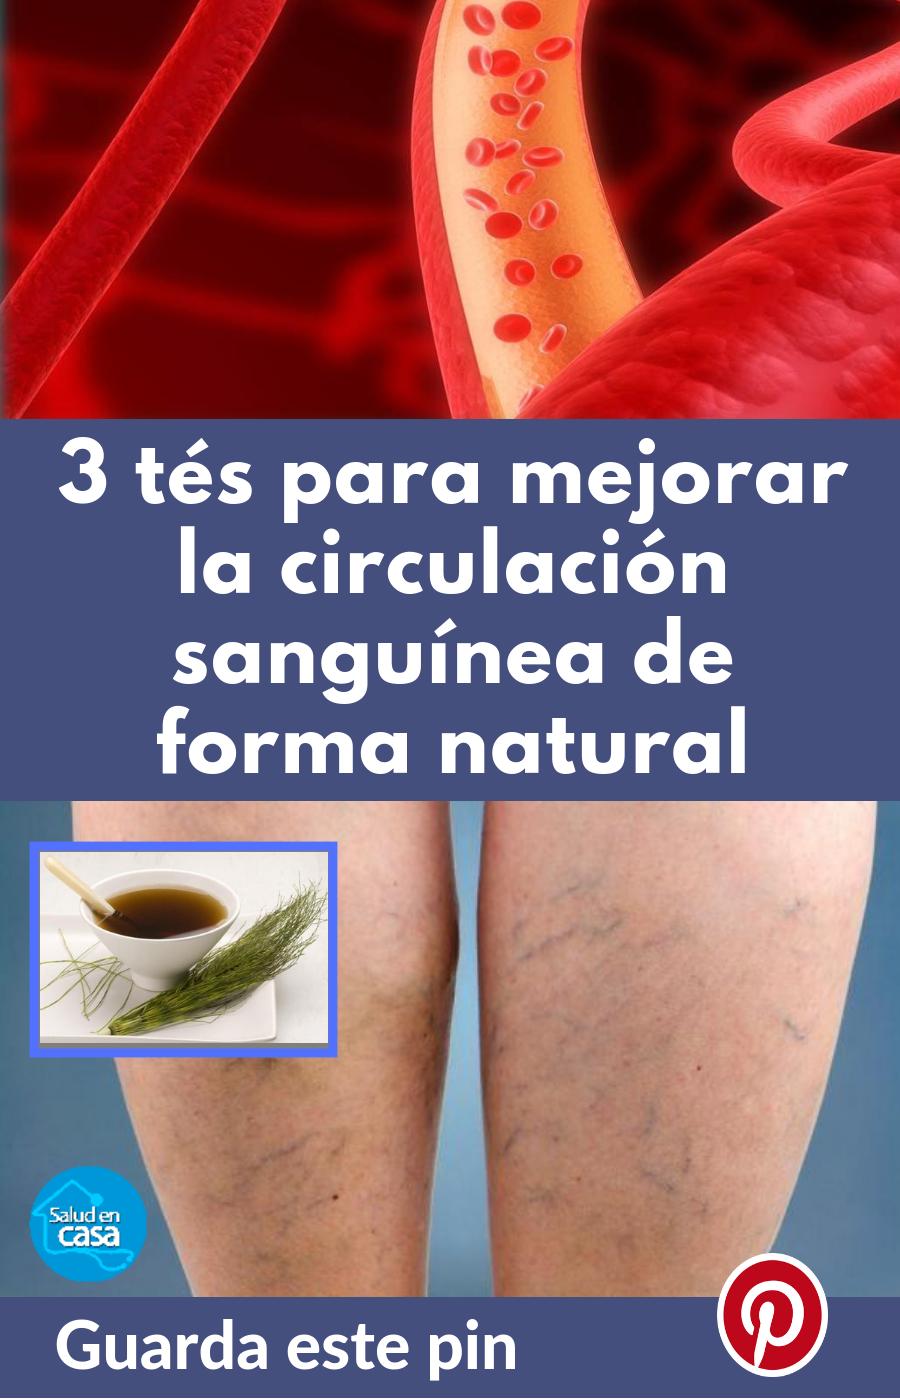 Remedios para la circulacion sanguinea